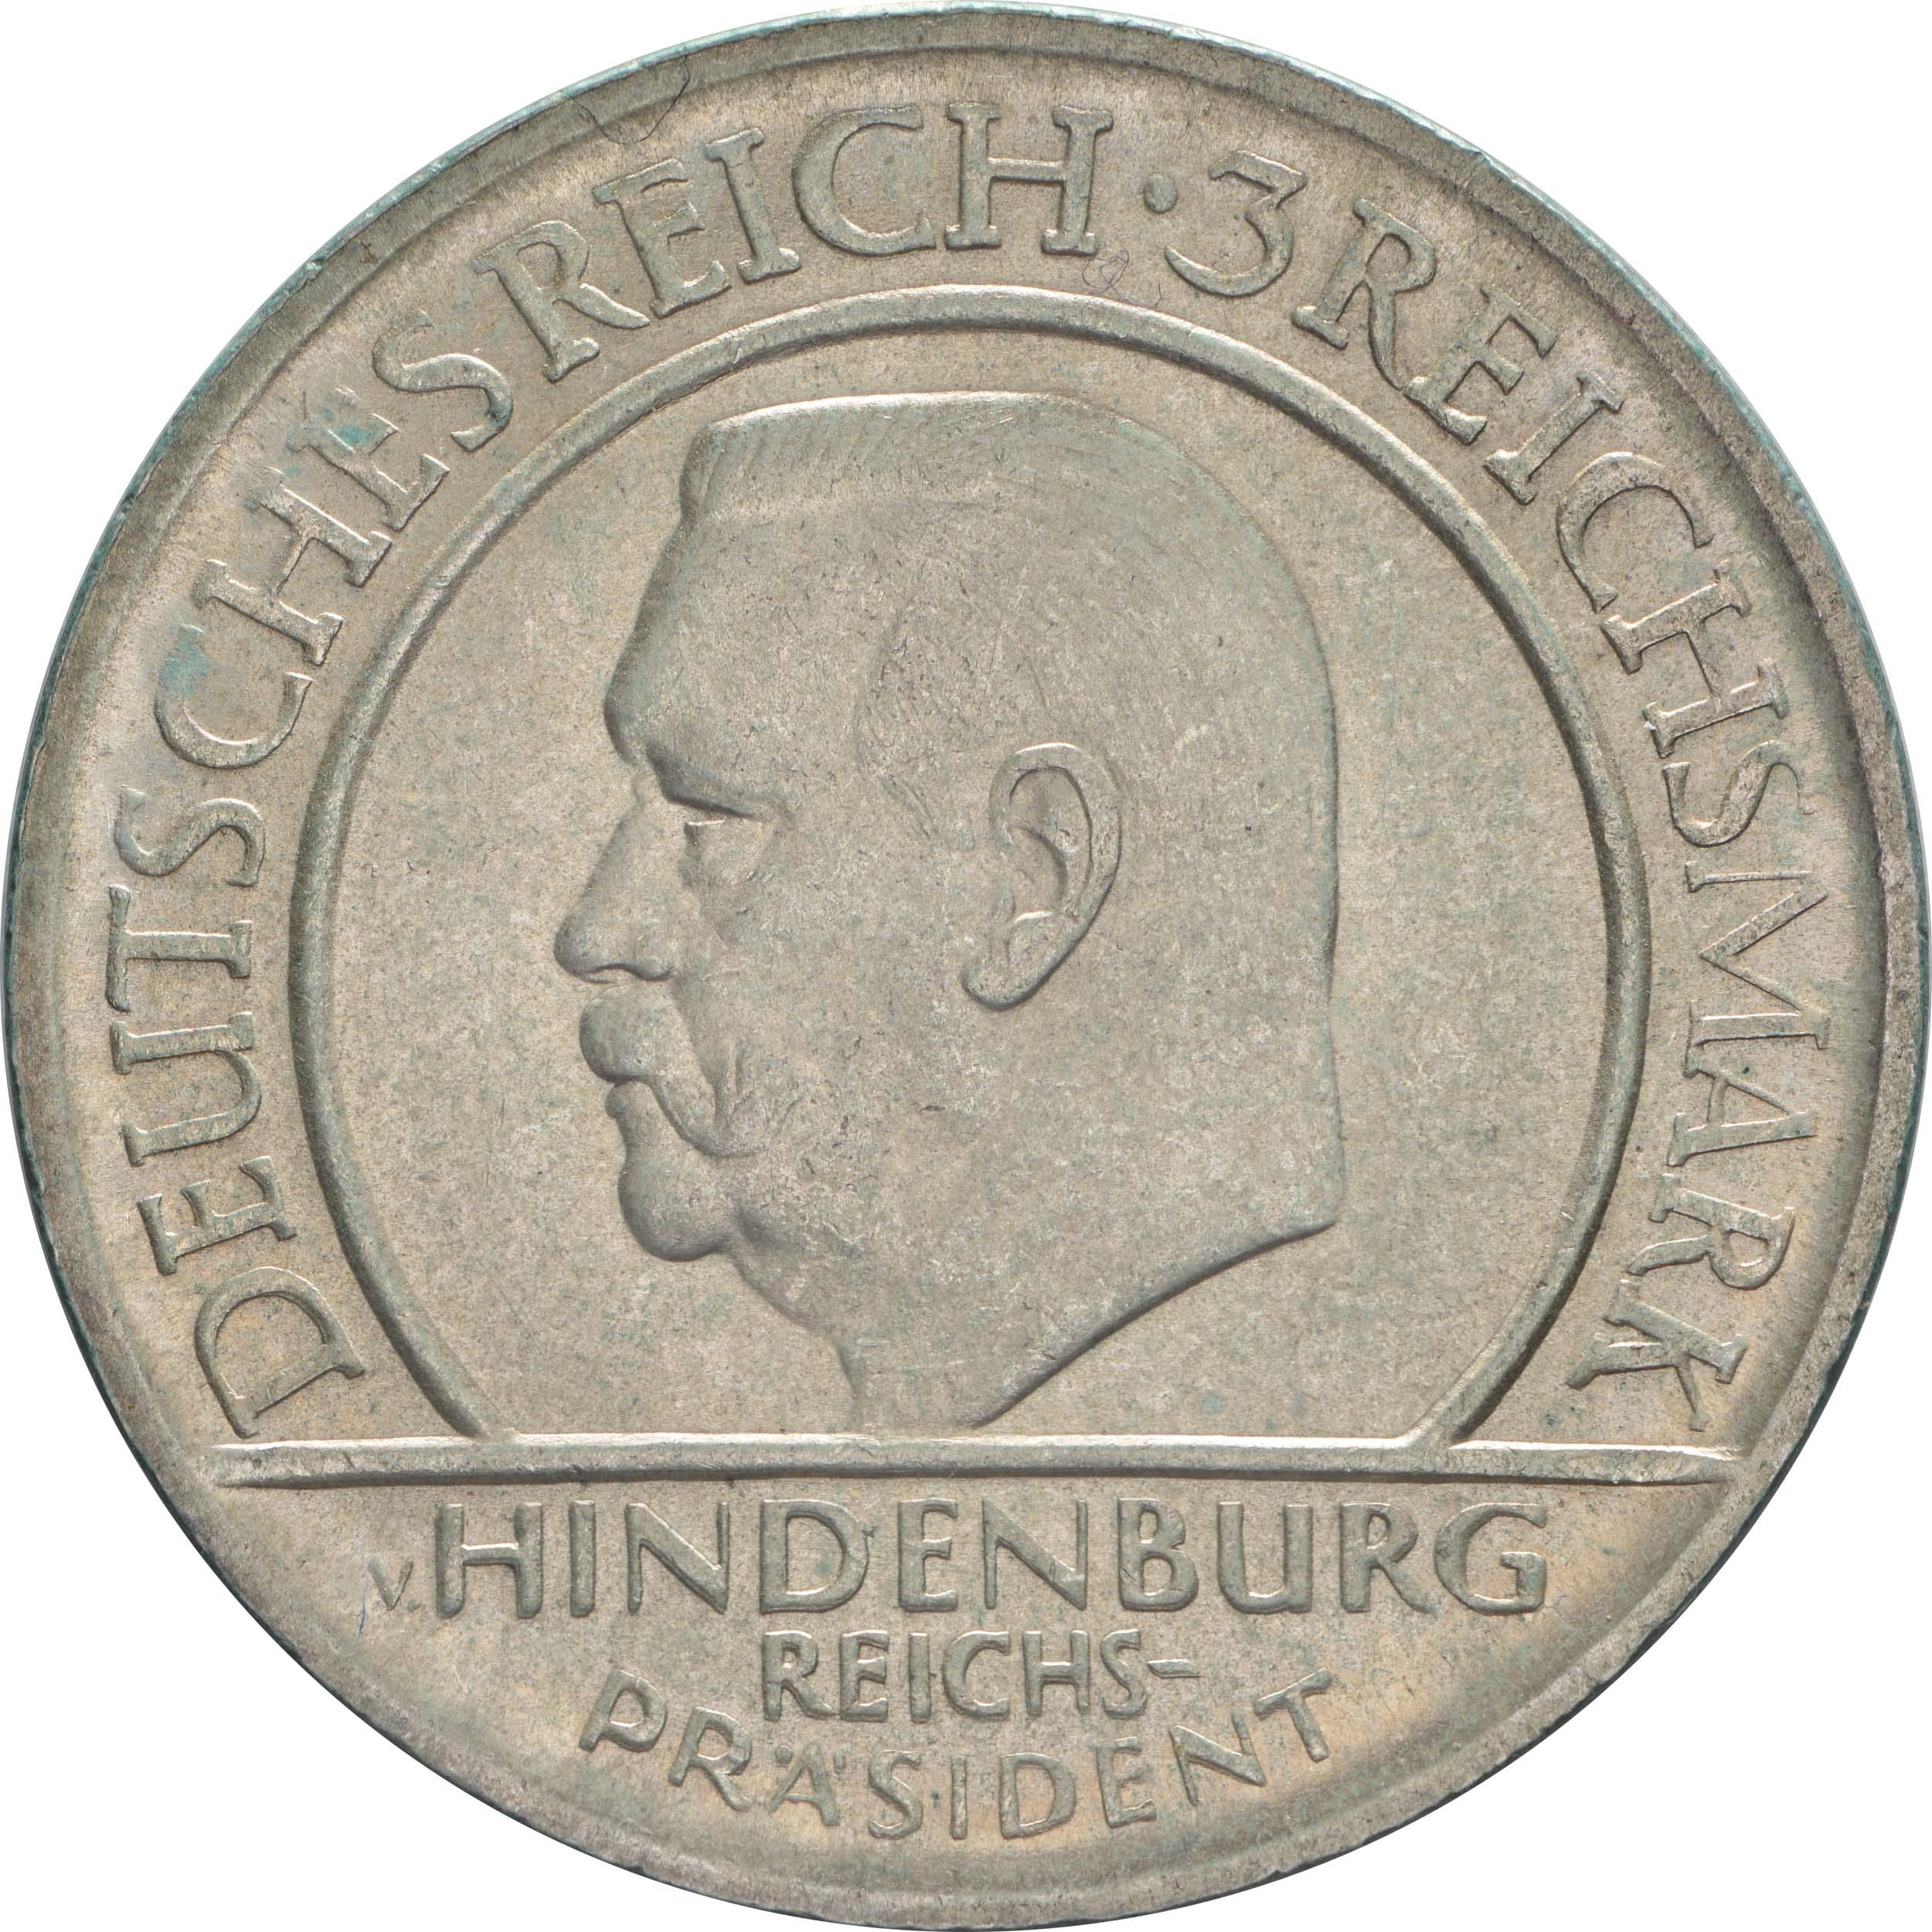 deutschland 3 reichsmark verfassung winz kratzer patina 1929 d silber vz stgl euro. Black Bedroom Furniture Sets. Home Design Ideas